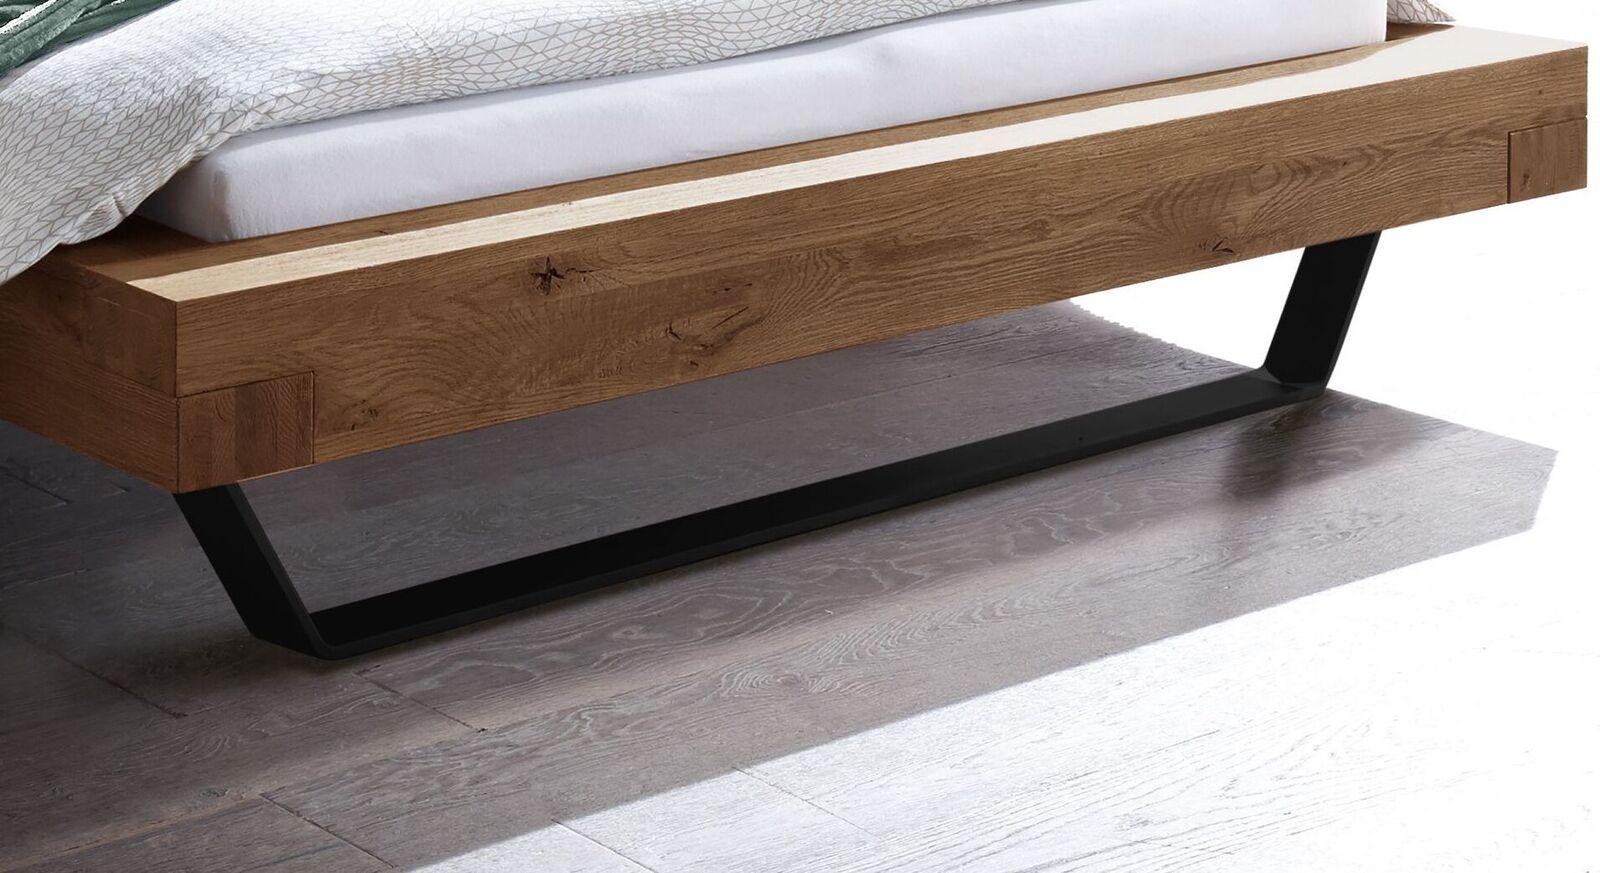 Bett Antero mit stabilen Stahlkufen